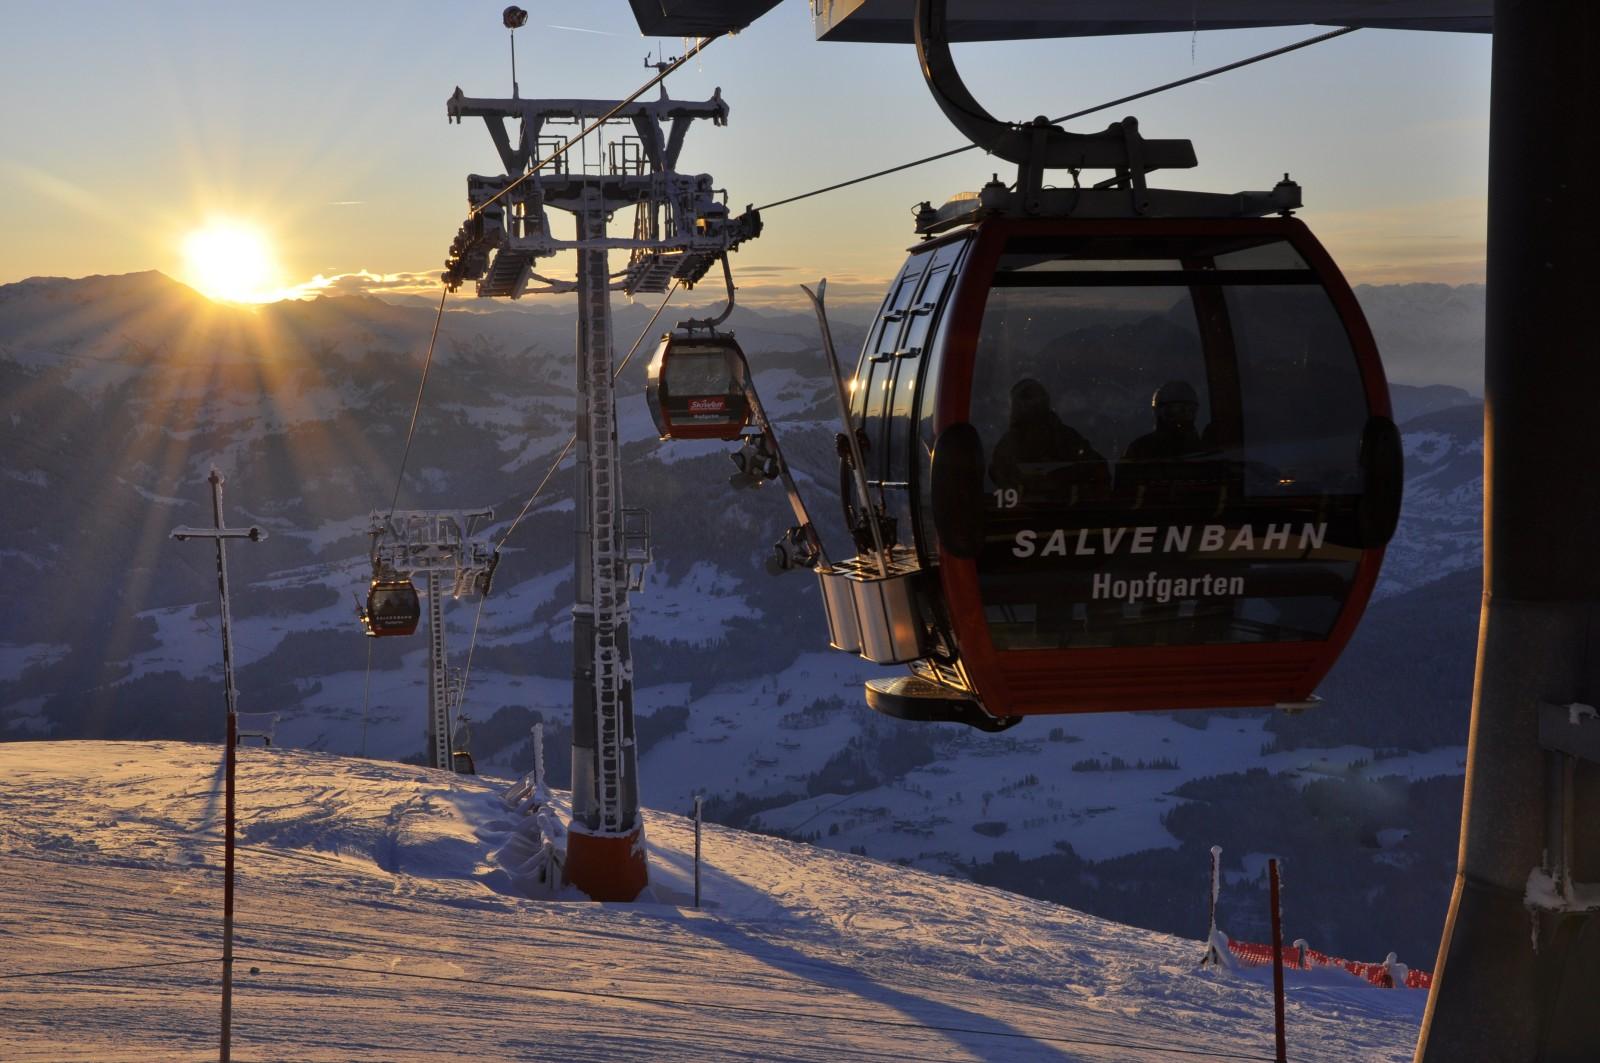 SKIWELT_000927_Sundowner-at-Hohe-Salve-SkiWelt-Hopfgarten_Christian-Kapfinger